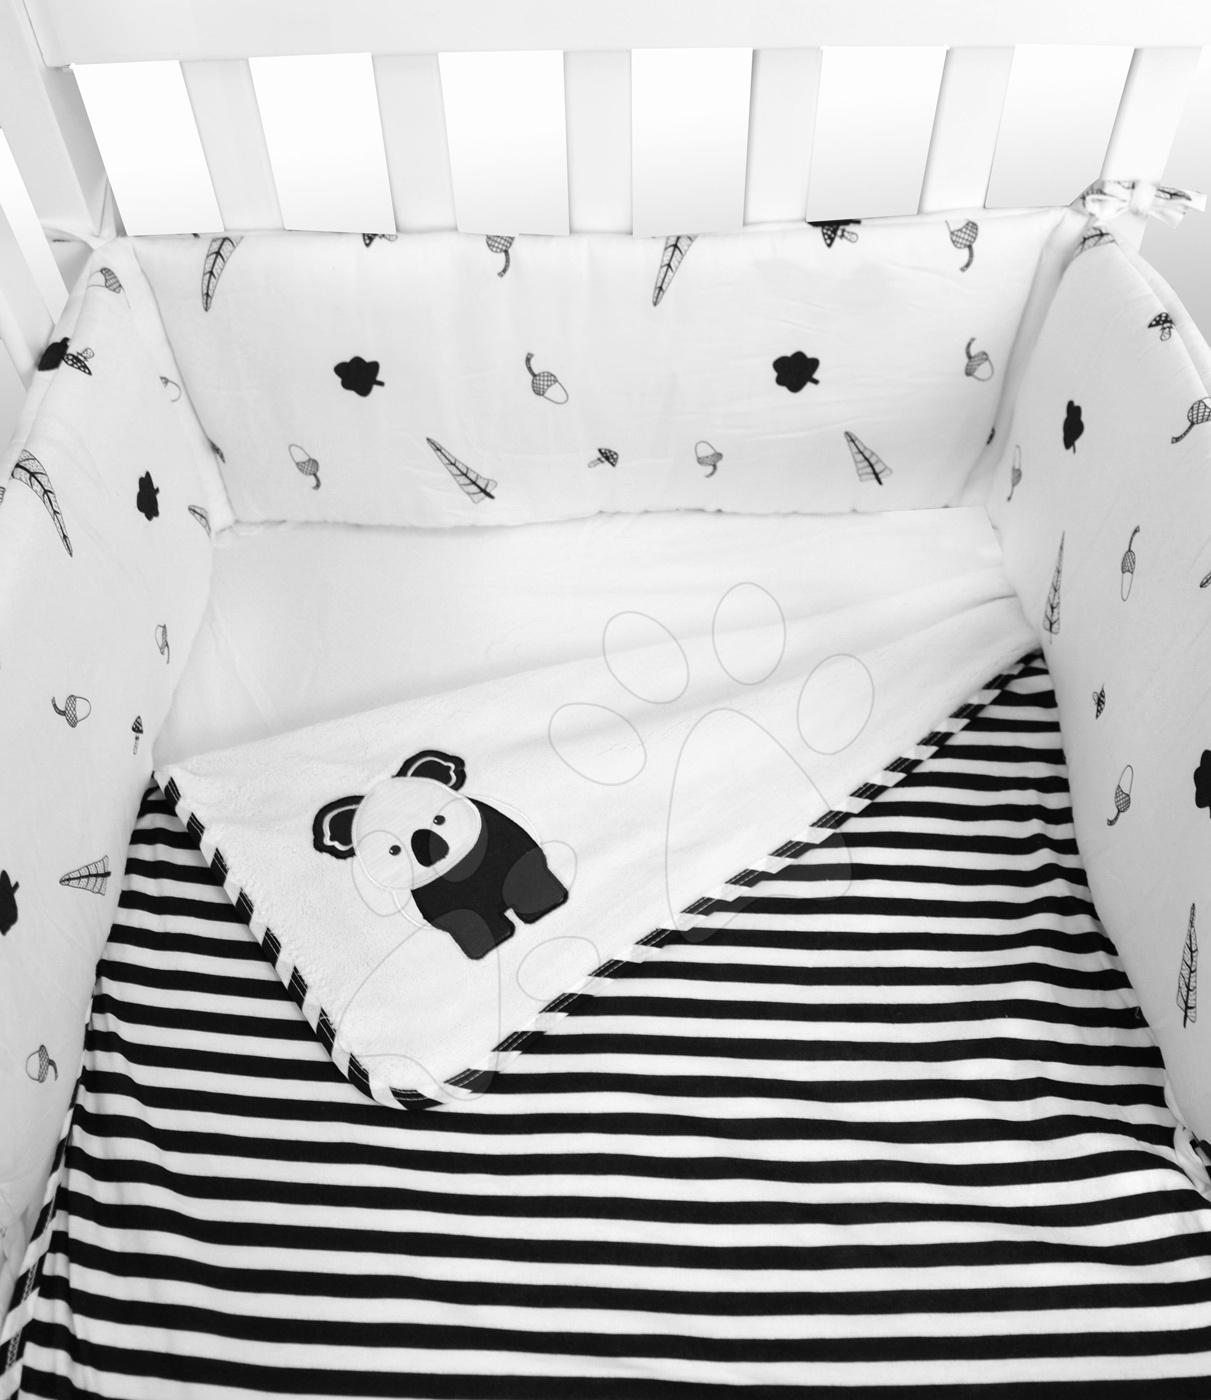 Súprava do postieľky Koala Bamboo Black&White toTs-smarTrike paplón, plachta a hniezdo 70 % bambusový hodváb a 30 % bavlna od 0 mesiacov